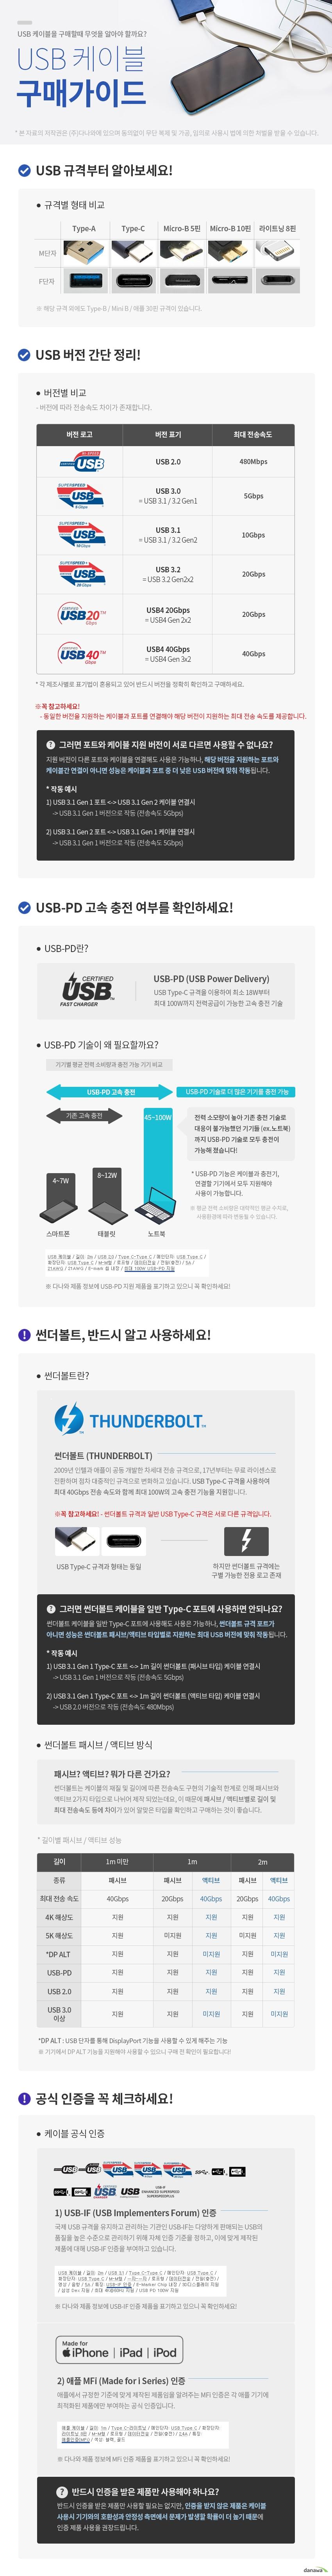 디엑스레이서 모이누 키홀더 라이트닝 8핀 충전전용 케이블 (0.2m)